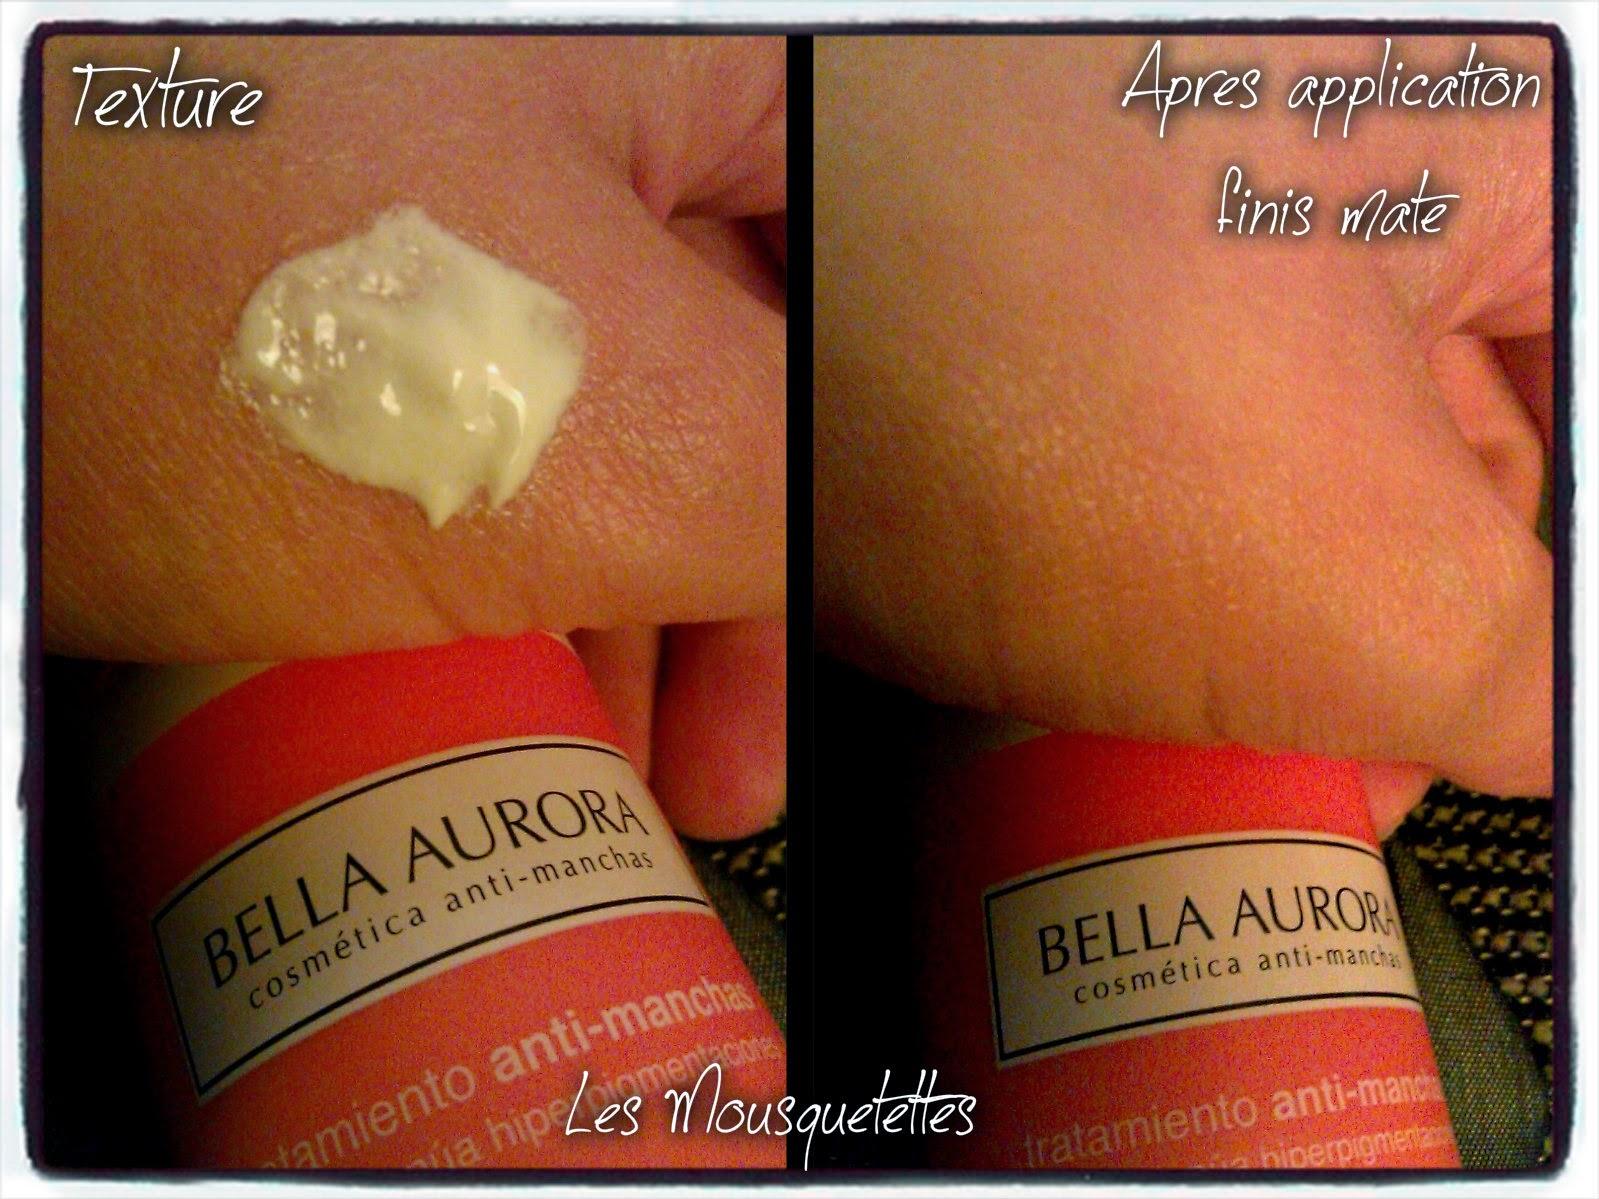 Finis mate Fluide Solaire Bella Aurora - Les Mousquetettes©